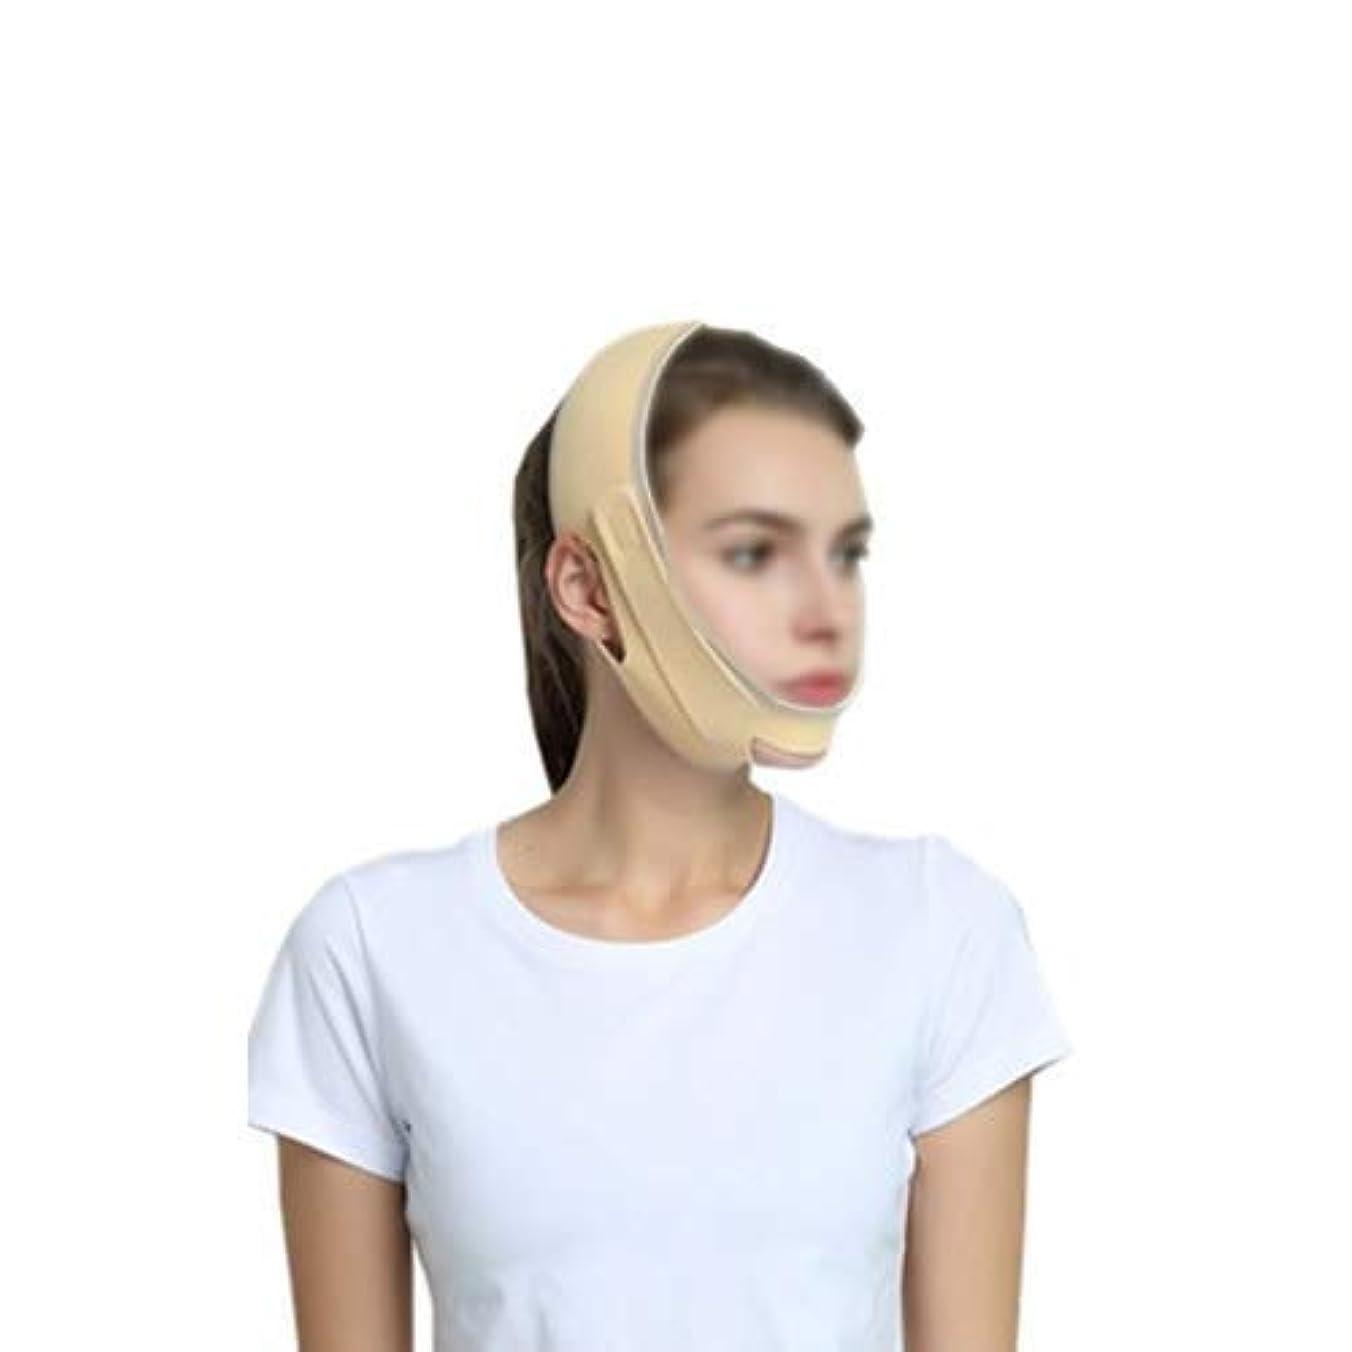 批判的にアラビア語州フェイスリフトマスクフェイスアンドネックリフトポストエラスティックスリーブ下顎骨セットフェイスアーティファクトVフェイスフェイシャルフェイスバンドルダブルチンマスクブラックフェイスアーティファクト(色:B)